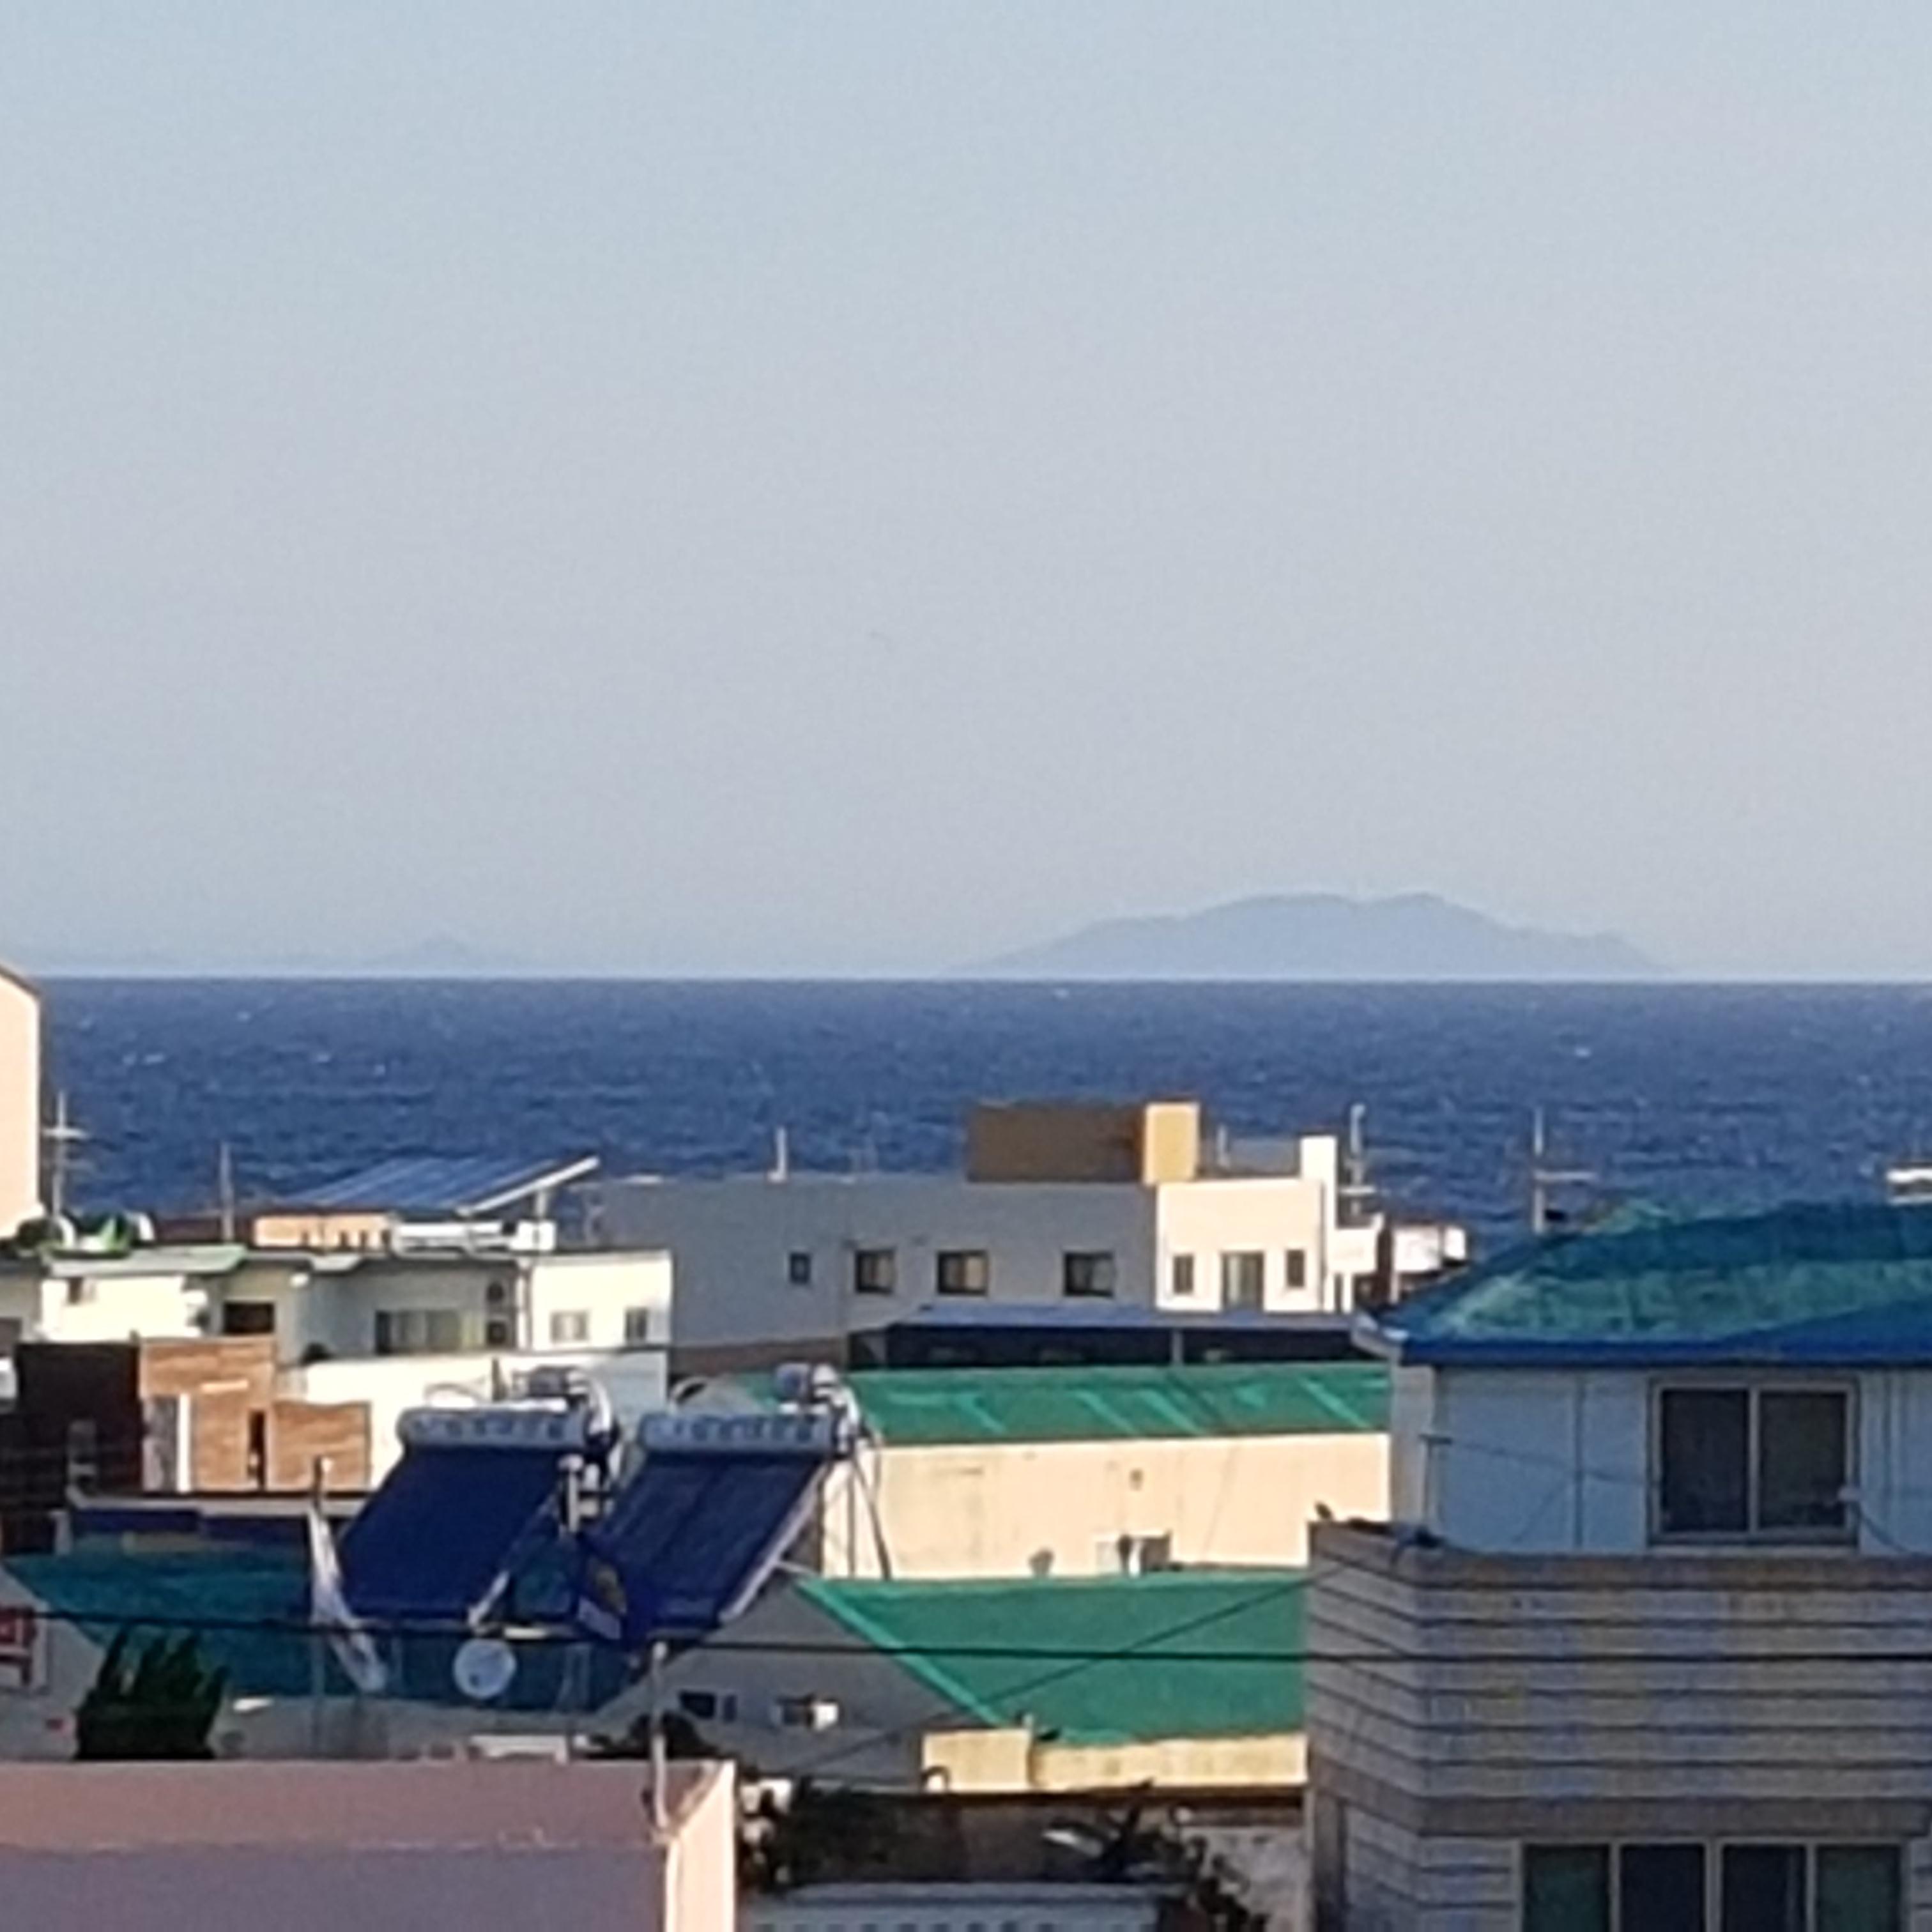 제주에서 보이는 낯선 섬들 - 여서도, 사수도, 관...